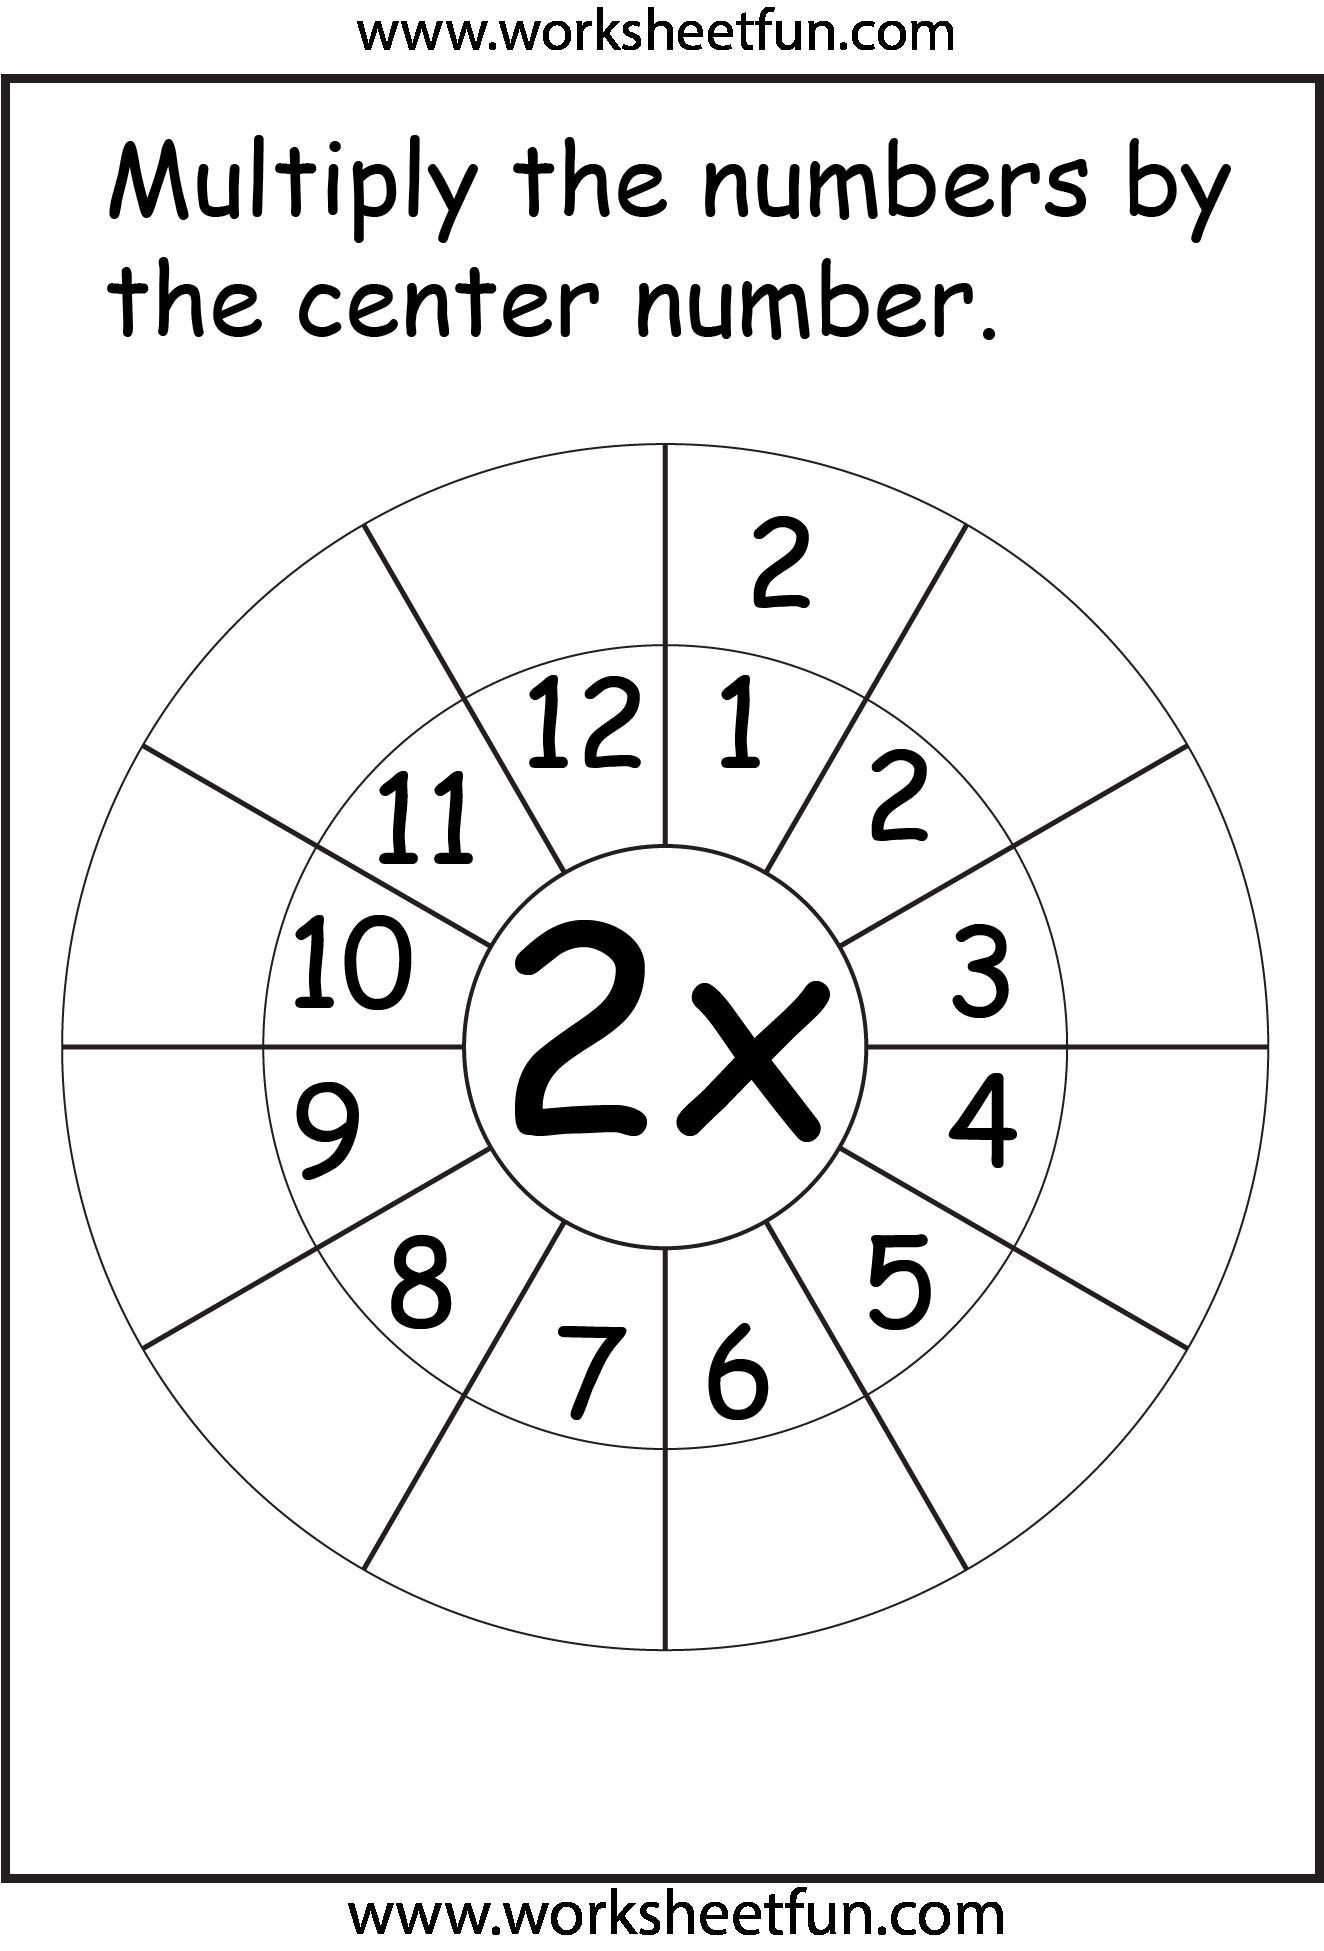 Image Result For Color Wheel Worksheets